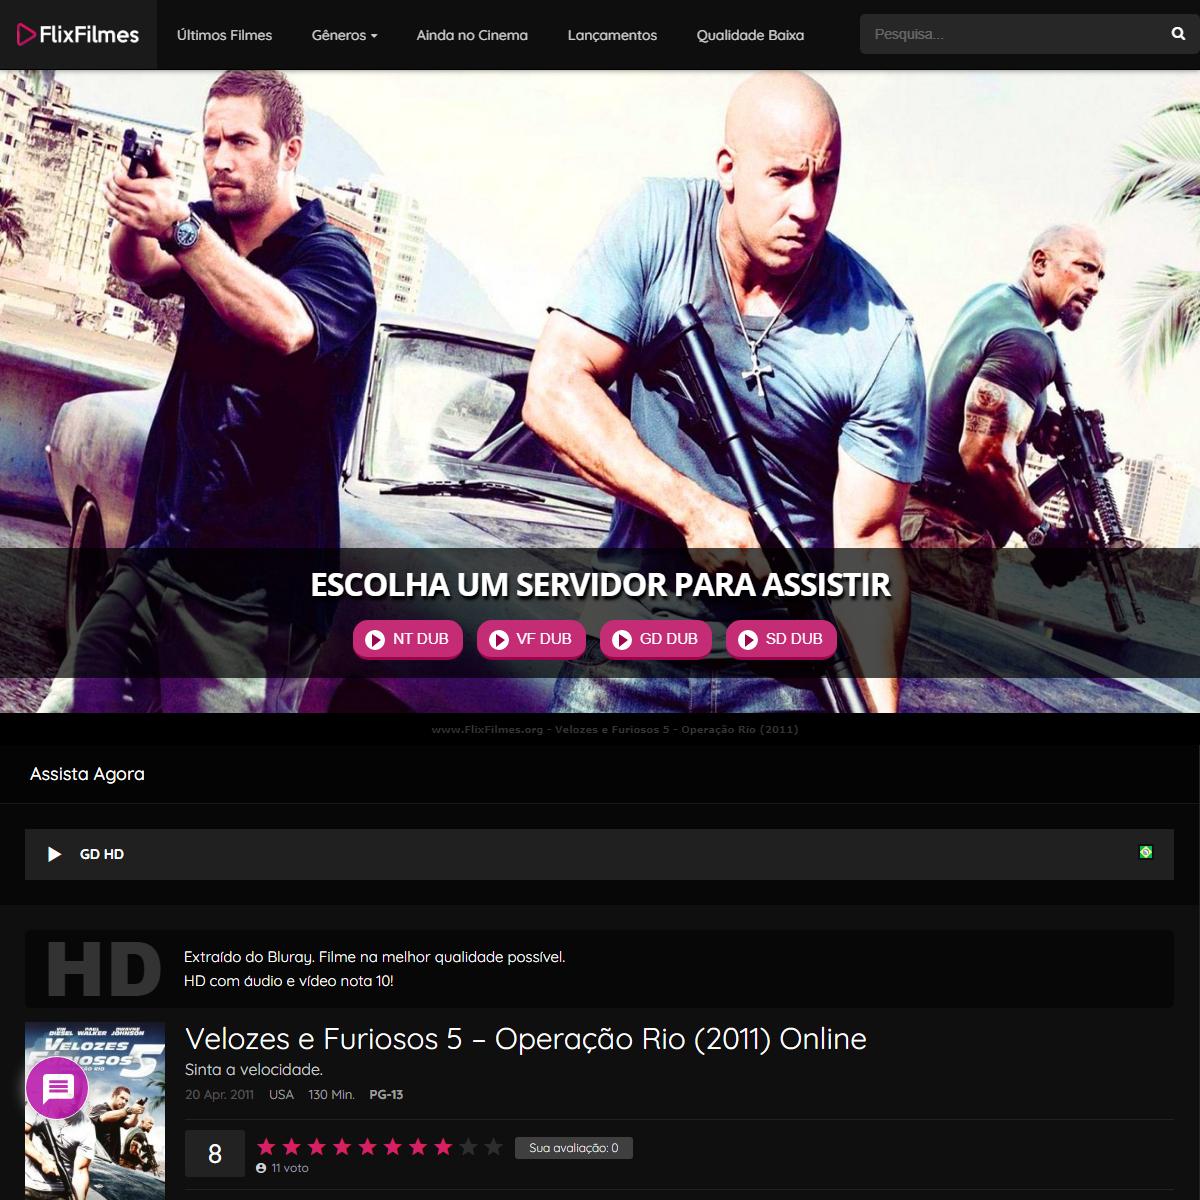 Velozes e Furiosos 5 - Operação Rio (2011) Online - Flix Filmes